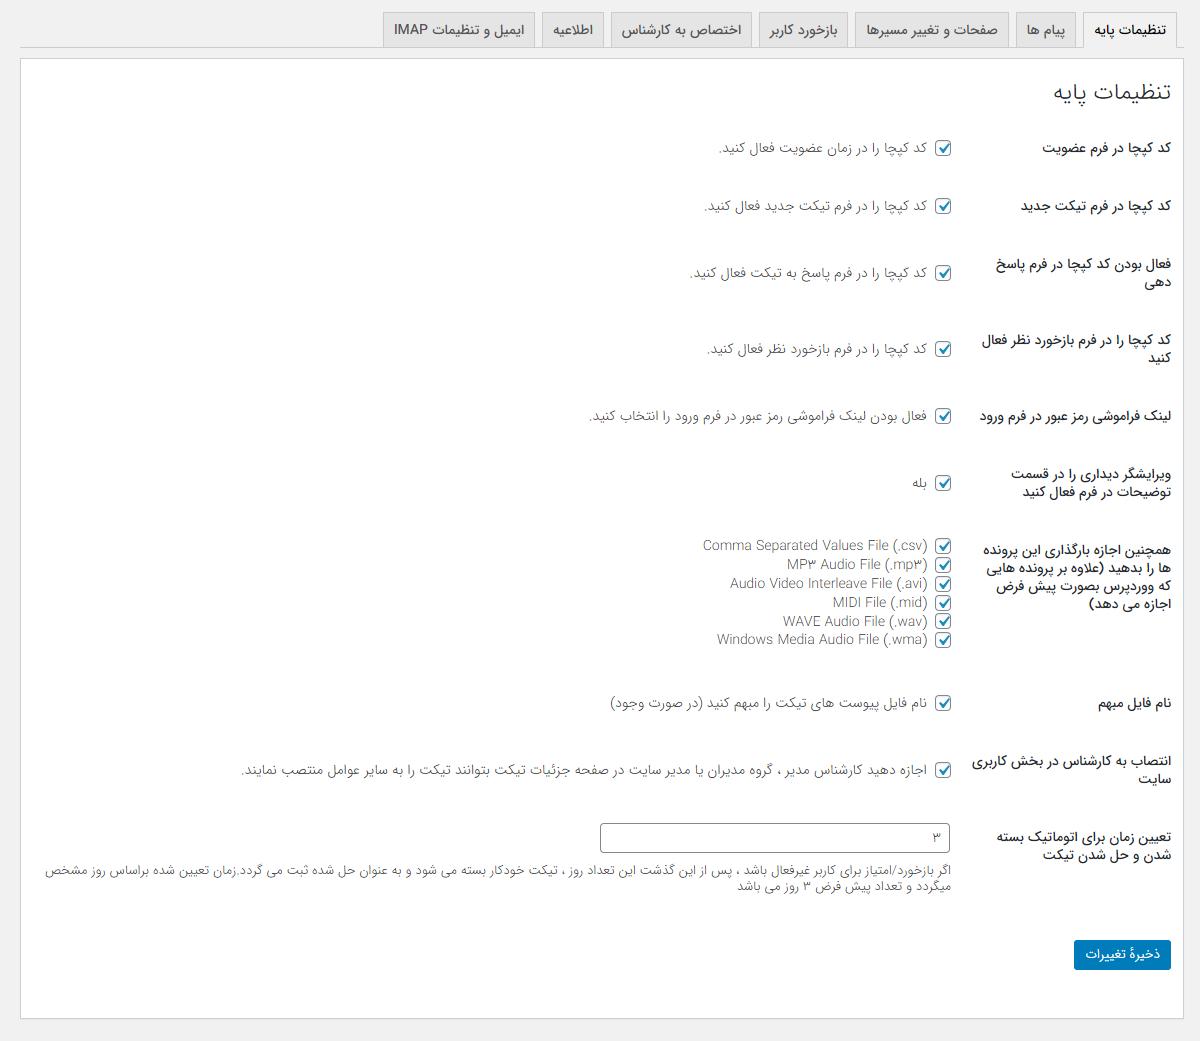 افزونه Novin Ticket | پلاگین تیکت و پشتیبانی | سیستم پشتیبانی | ارسال تیکت در وردپرس | افزونه Ticket در وردپرس | افزونه نوین تیکت